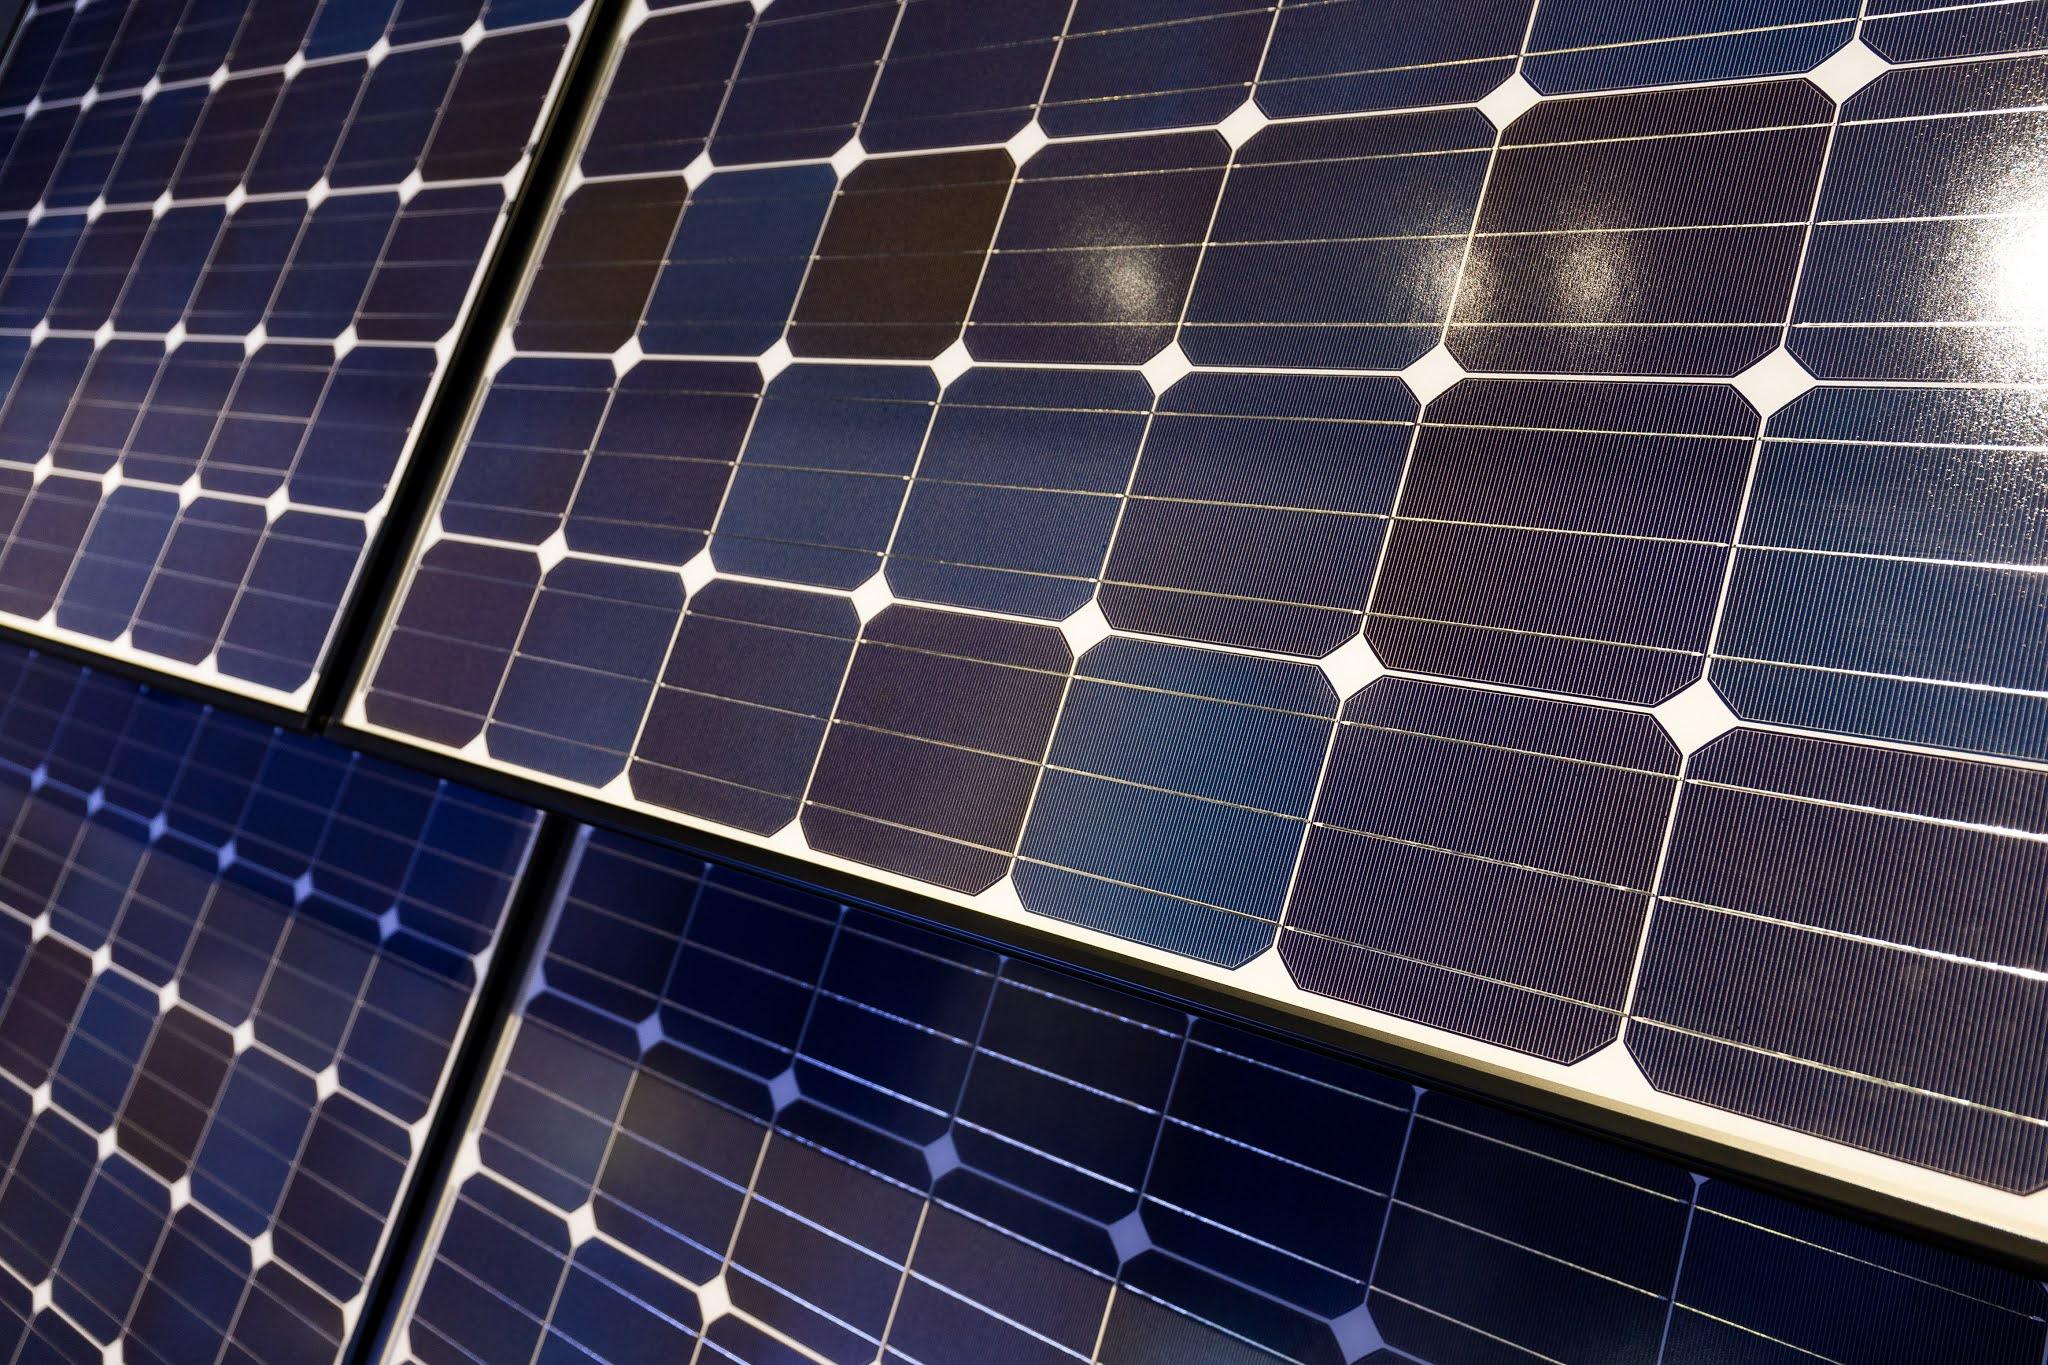 الإمارات تدعم الطاقة النظيفة